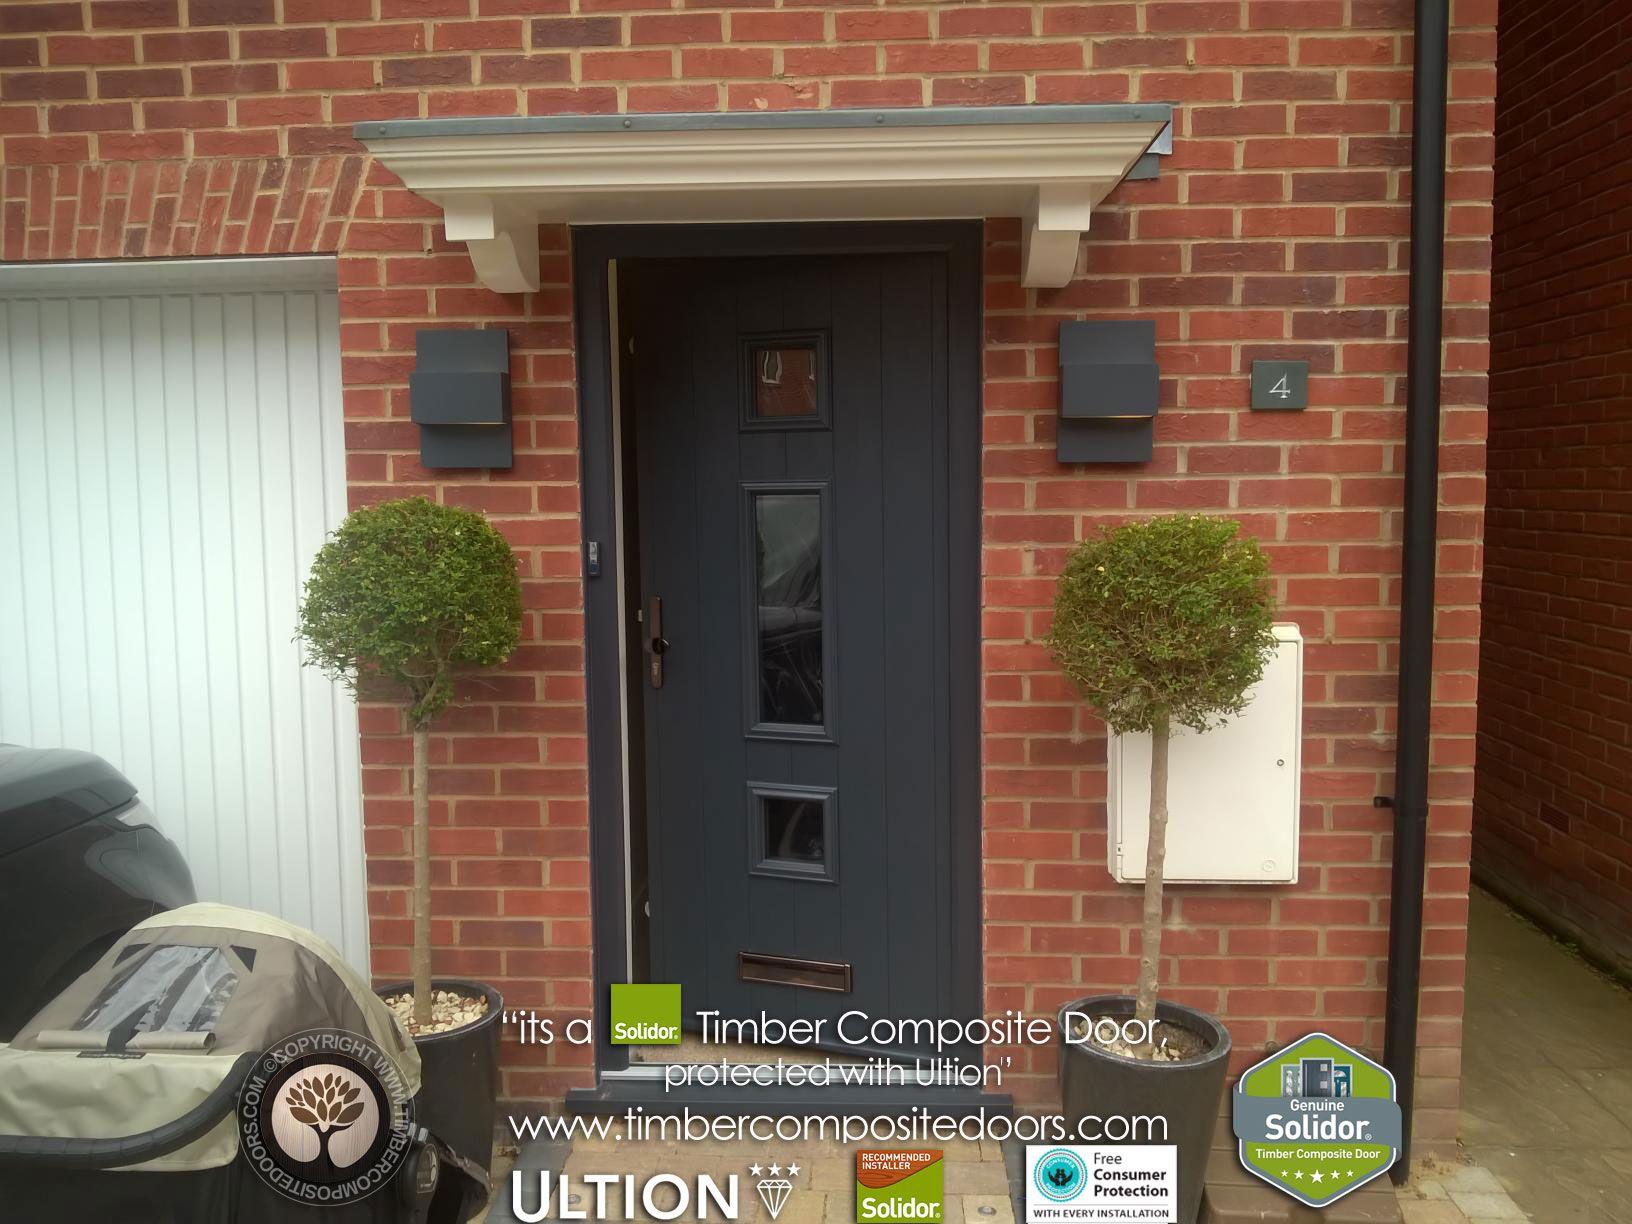 Anthracite-Grey-Genoa-Solidor-Timber-Composite-Door-44 & Anthracite-Grey-Genoa-Solidor-Timber-Composite-Door-44 | Solidor ...